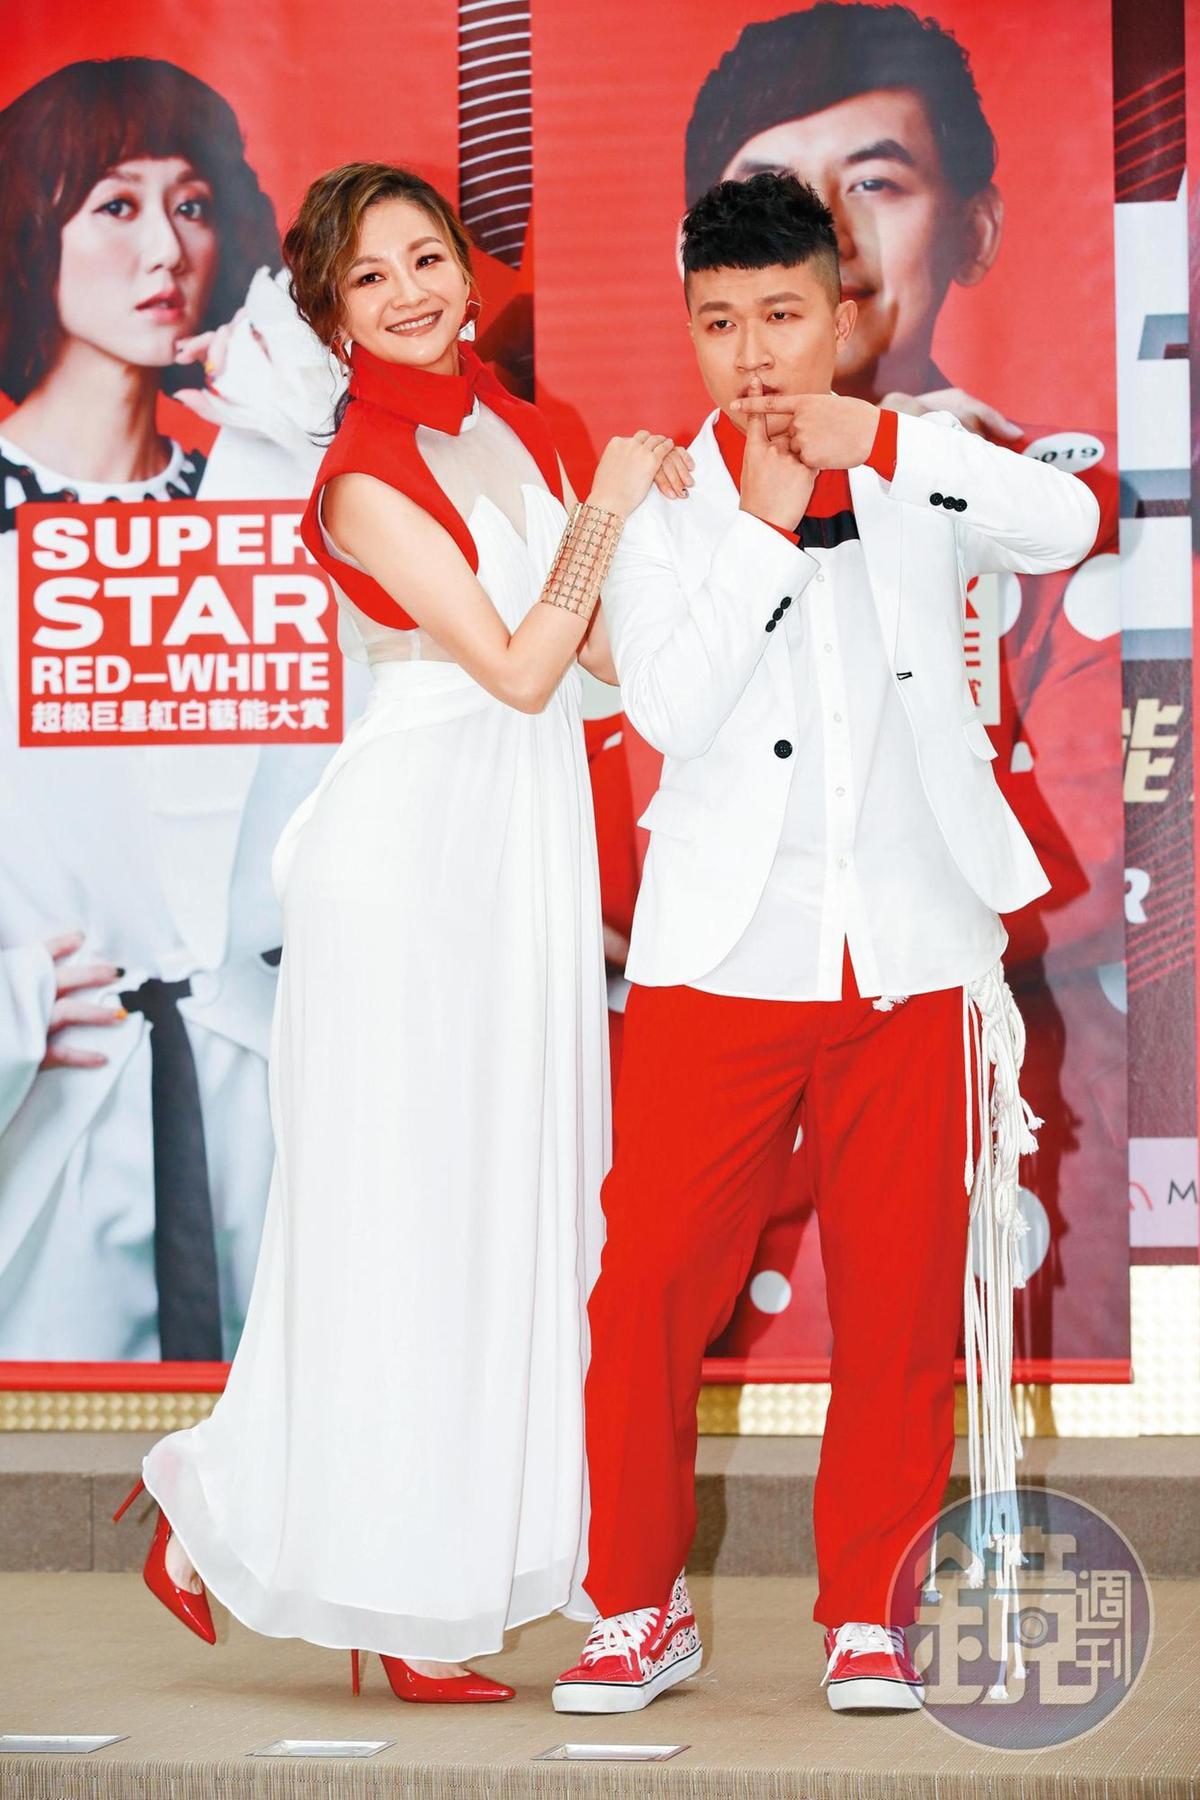 去年張立東(右)受邀主持台視《超級巨星紅白藝能大賞》和花花(左)搭檔。